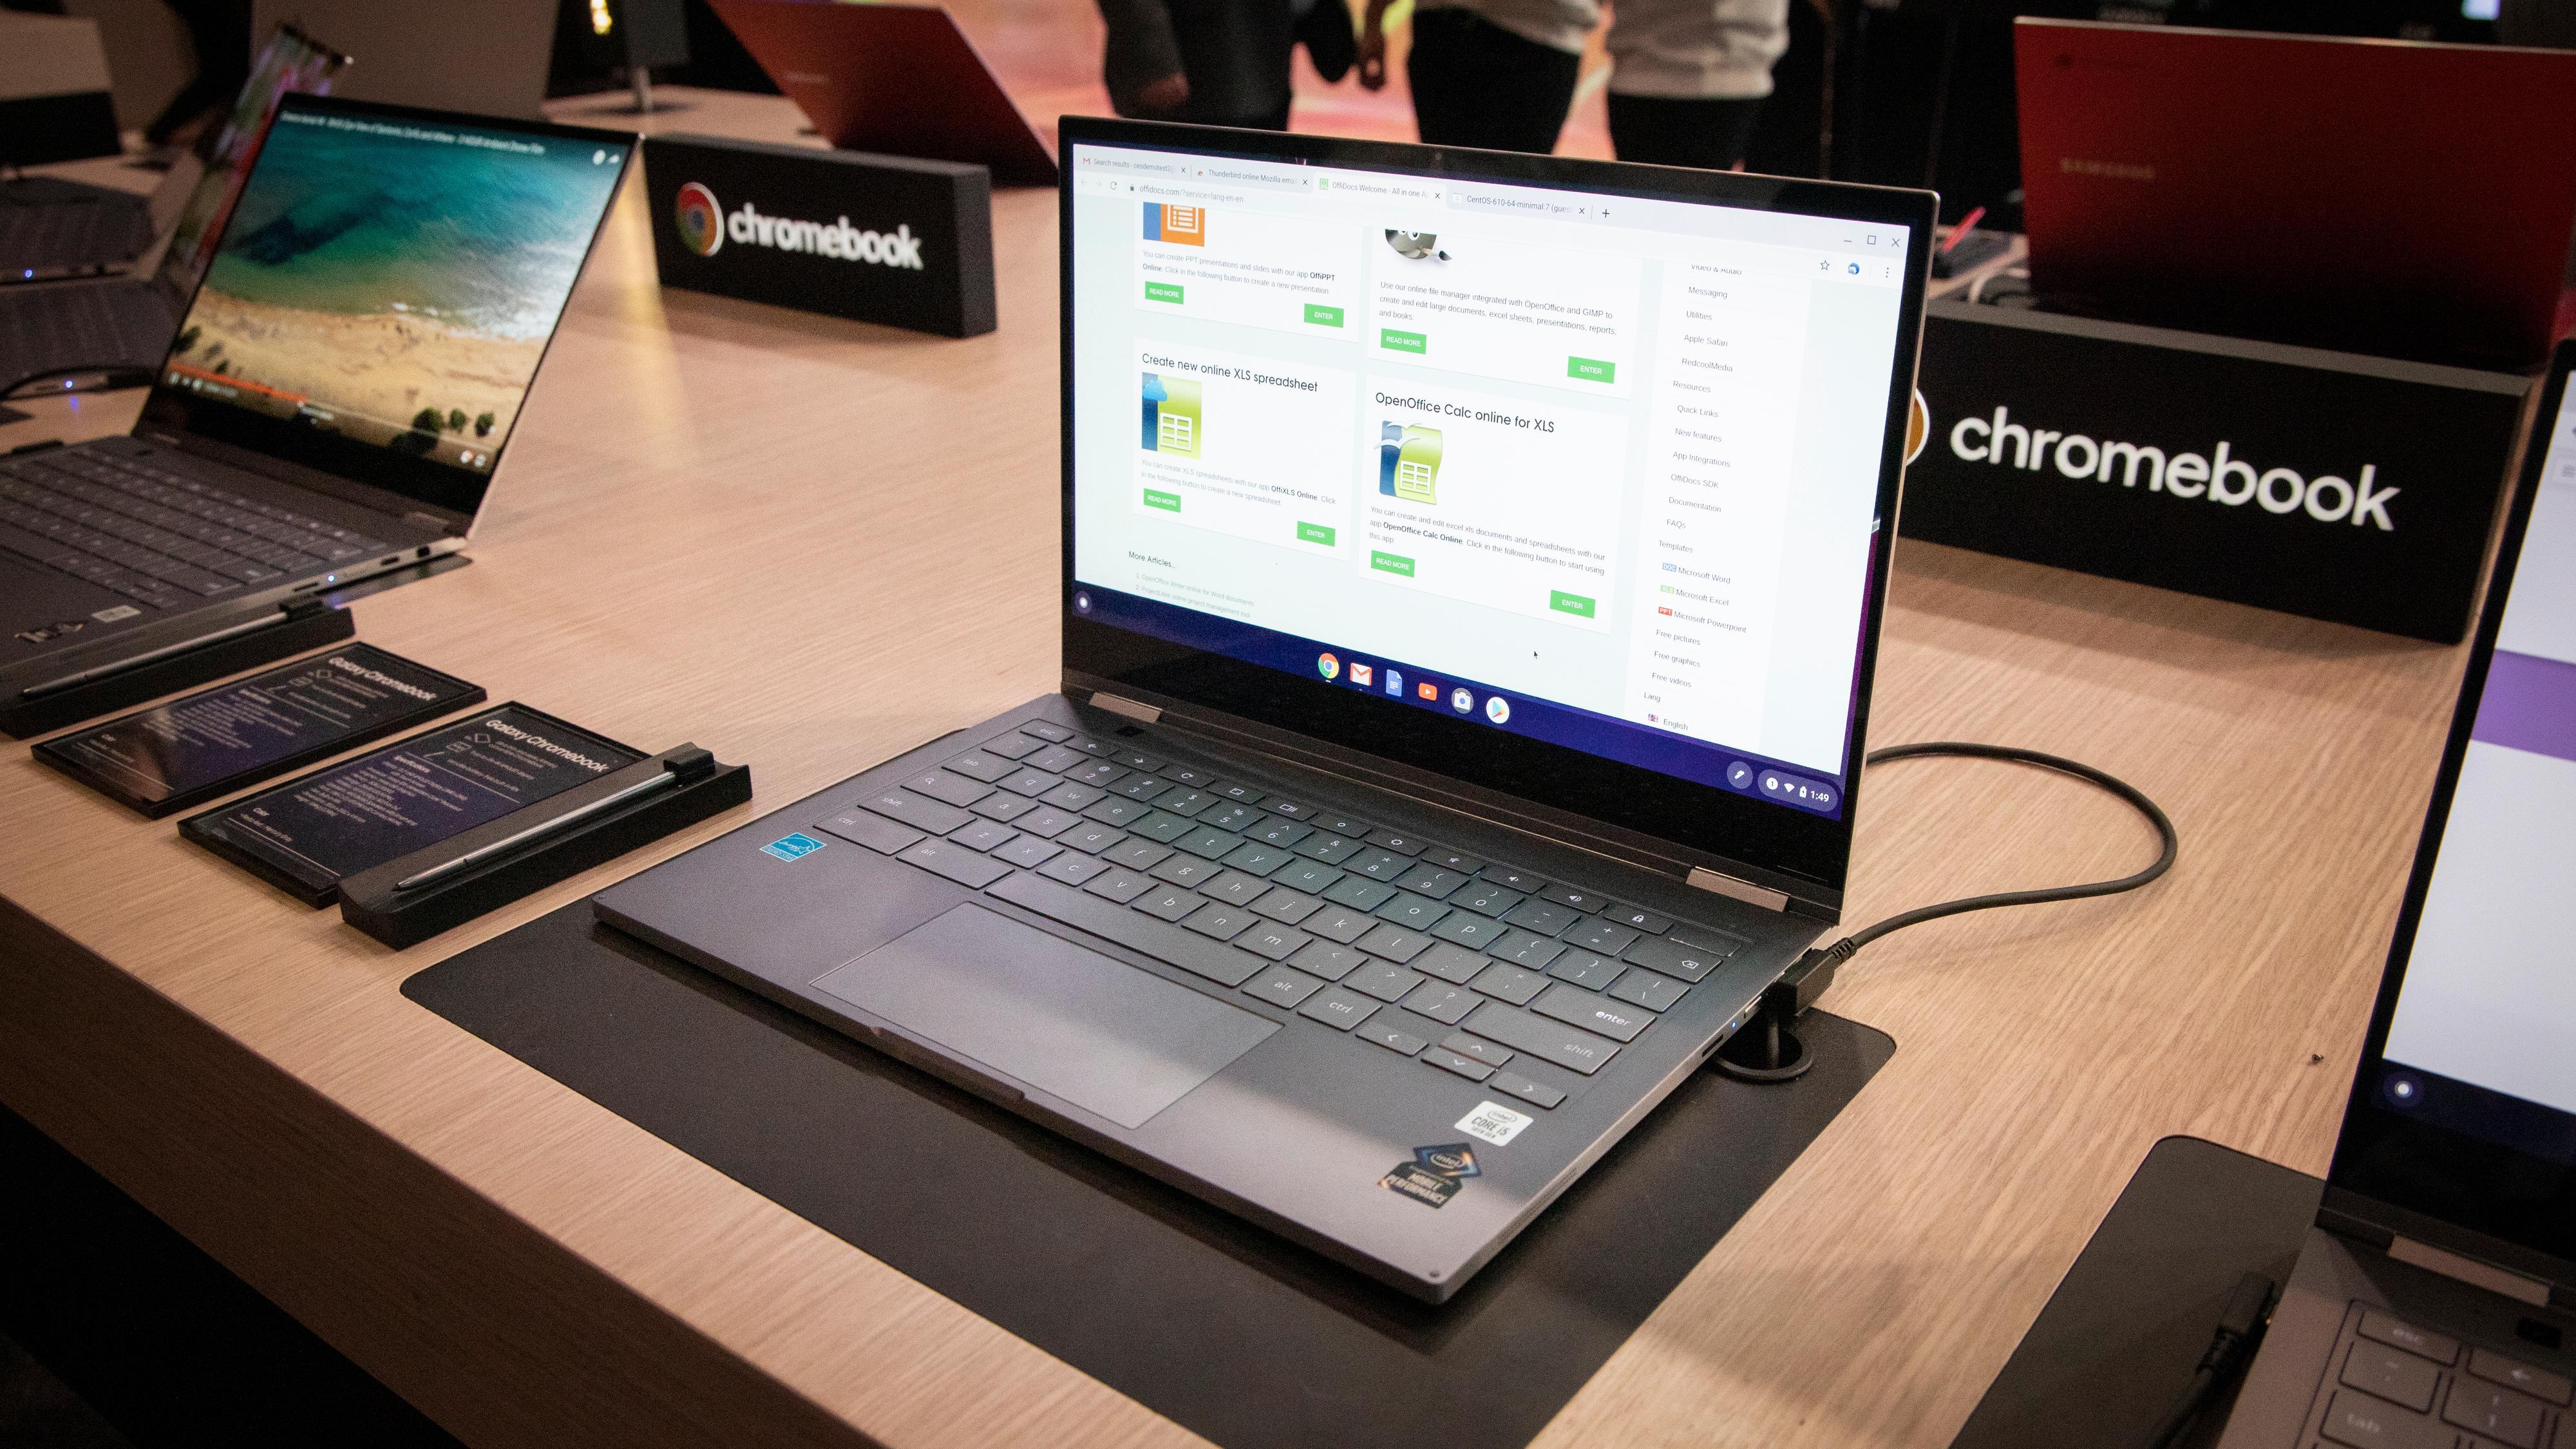 Galaxy Chromebook er noe så nært som en luksus-Chromebook som det går an å få. Den får en 13,3-tommers AMOLED-skjerm med 4K-oppløsning og som kan rotere hele veien rundt. Batteriet skal holde til rundt åtte timers bruk, den kommer med tiendegenerasjons Intel Core-prosessor og du kan få opptil 16 GB RAM og 1 TB lagring.